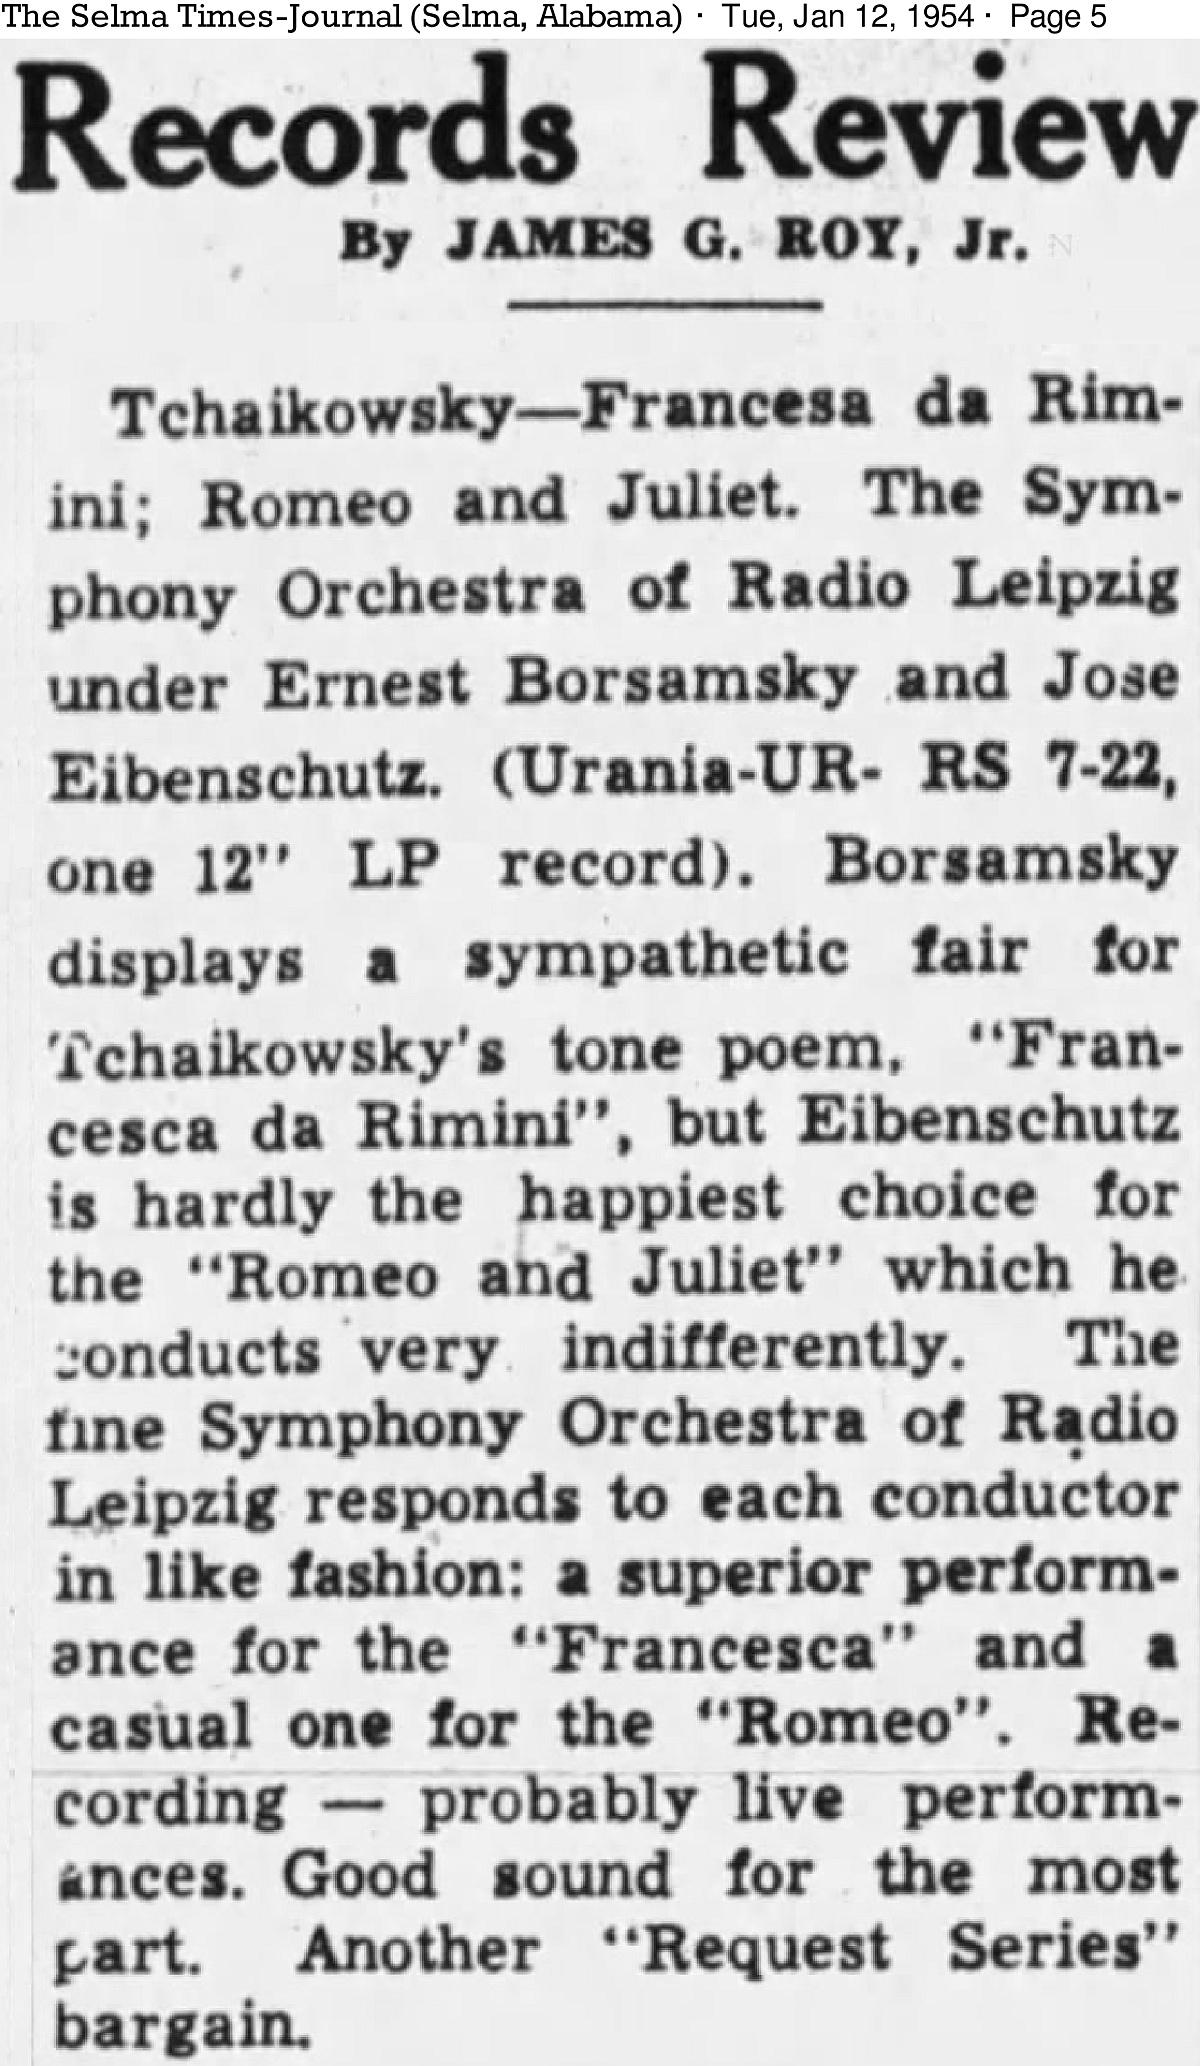 cité du quotidien «The Selma Times Journal» du 12 janvier 1954, page 5